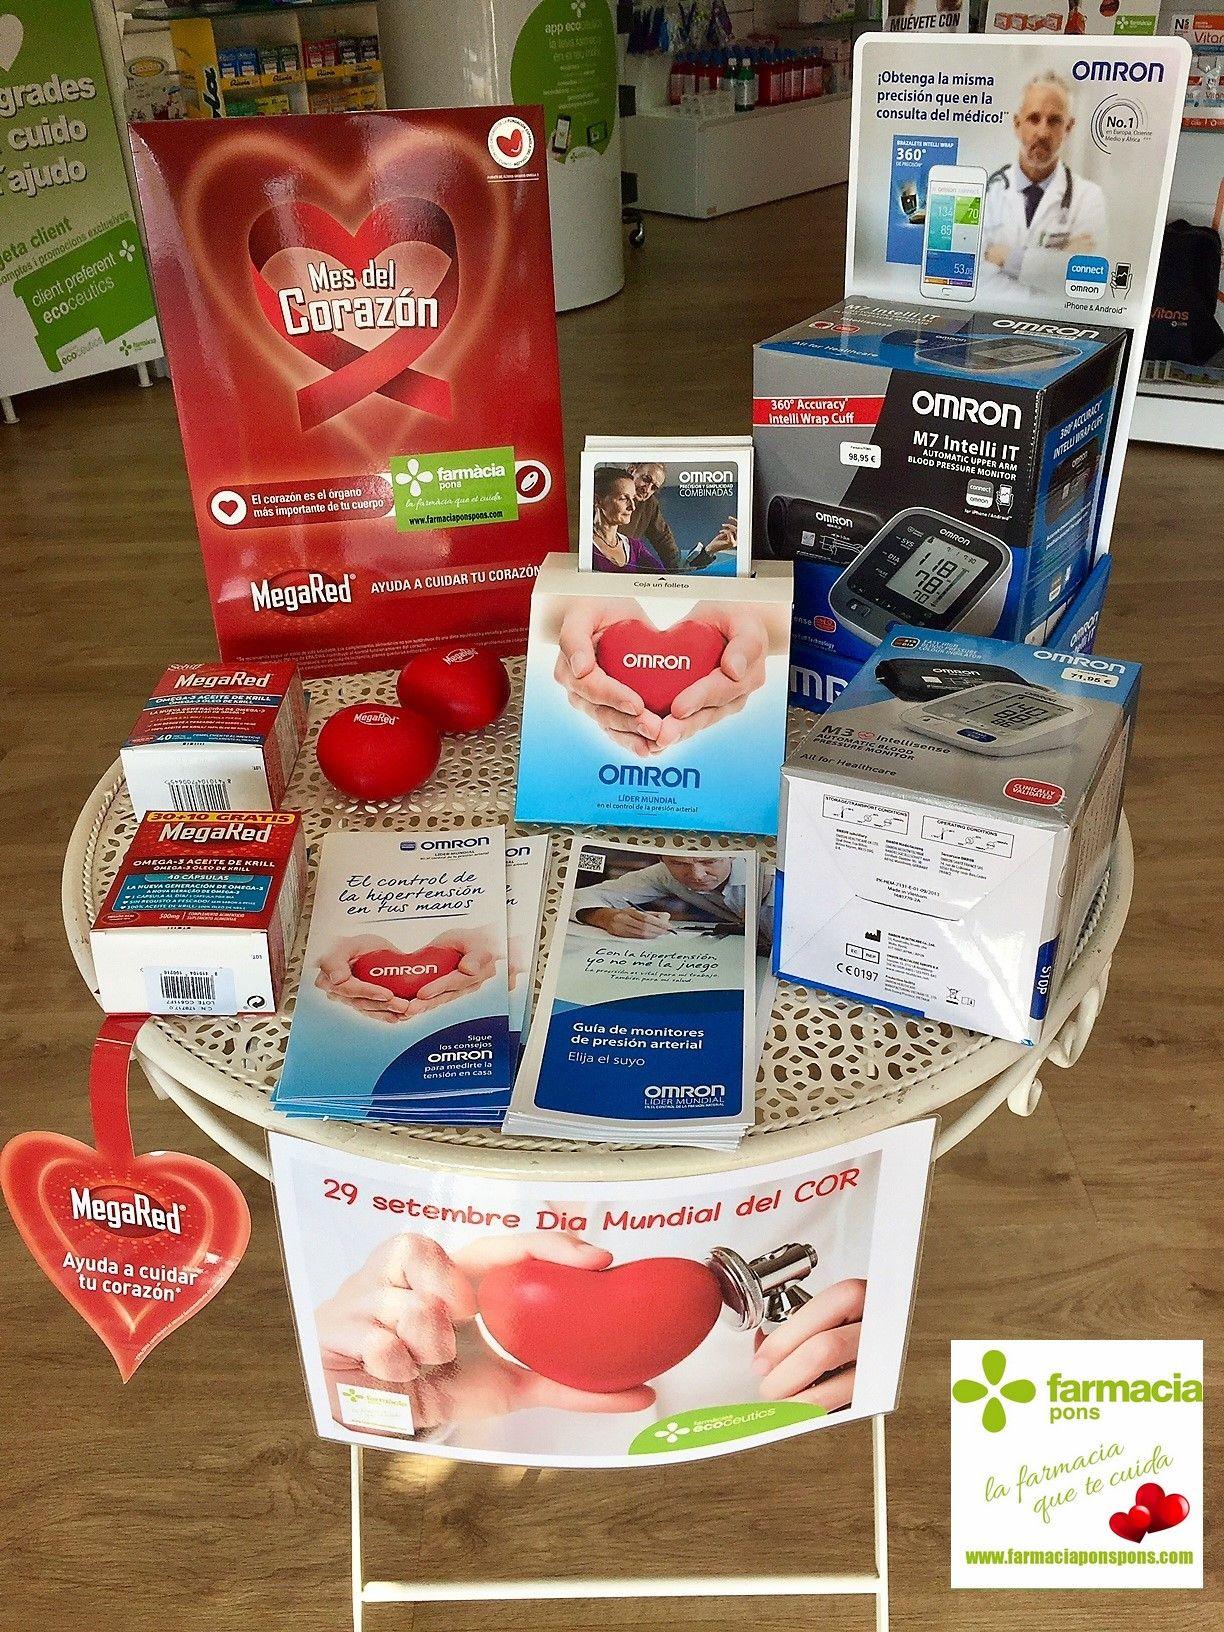 Semana del Corazón en Farmacia pons Tgna. Septimebre 2017 www.farmaciaponspons.com